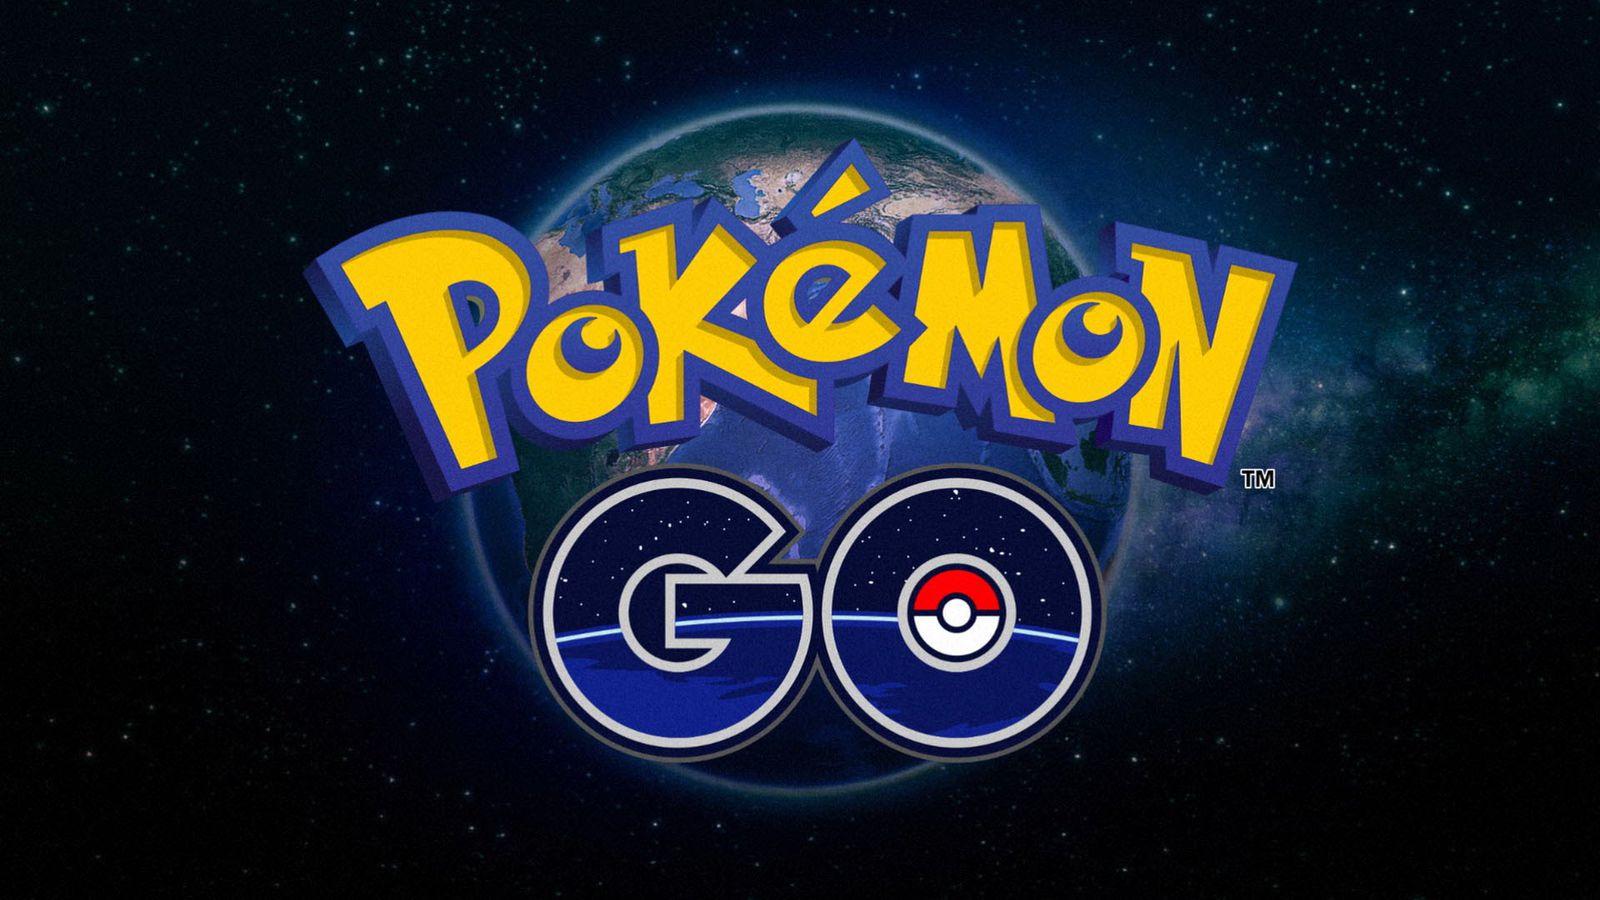 Pokémon go crollo - Pokémon Go, la famiglia si allarga: 80 nuove creature e sarà più facile catturarle